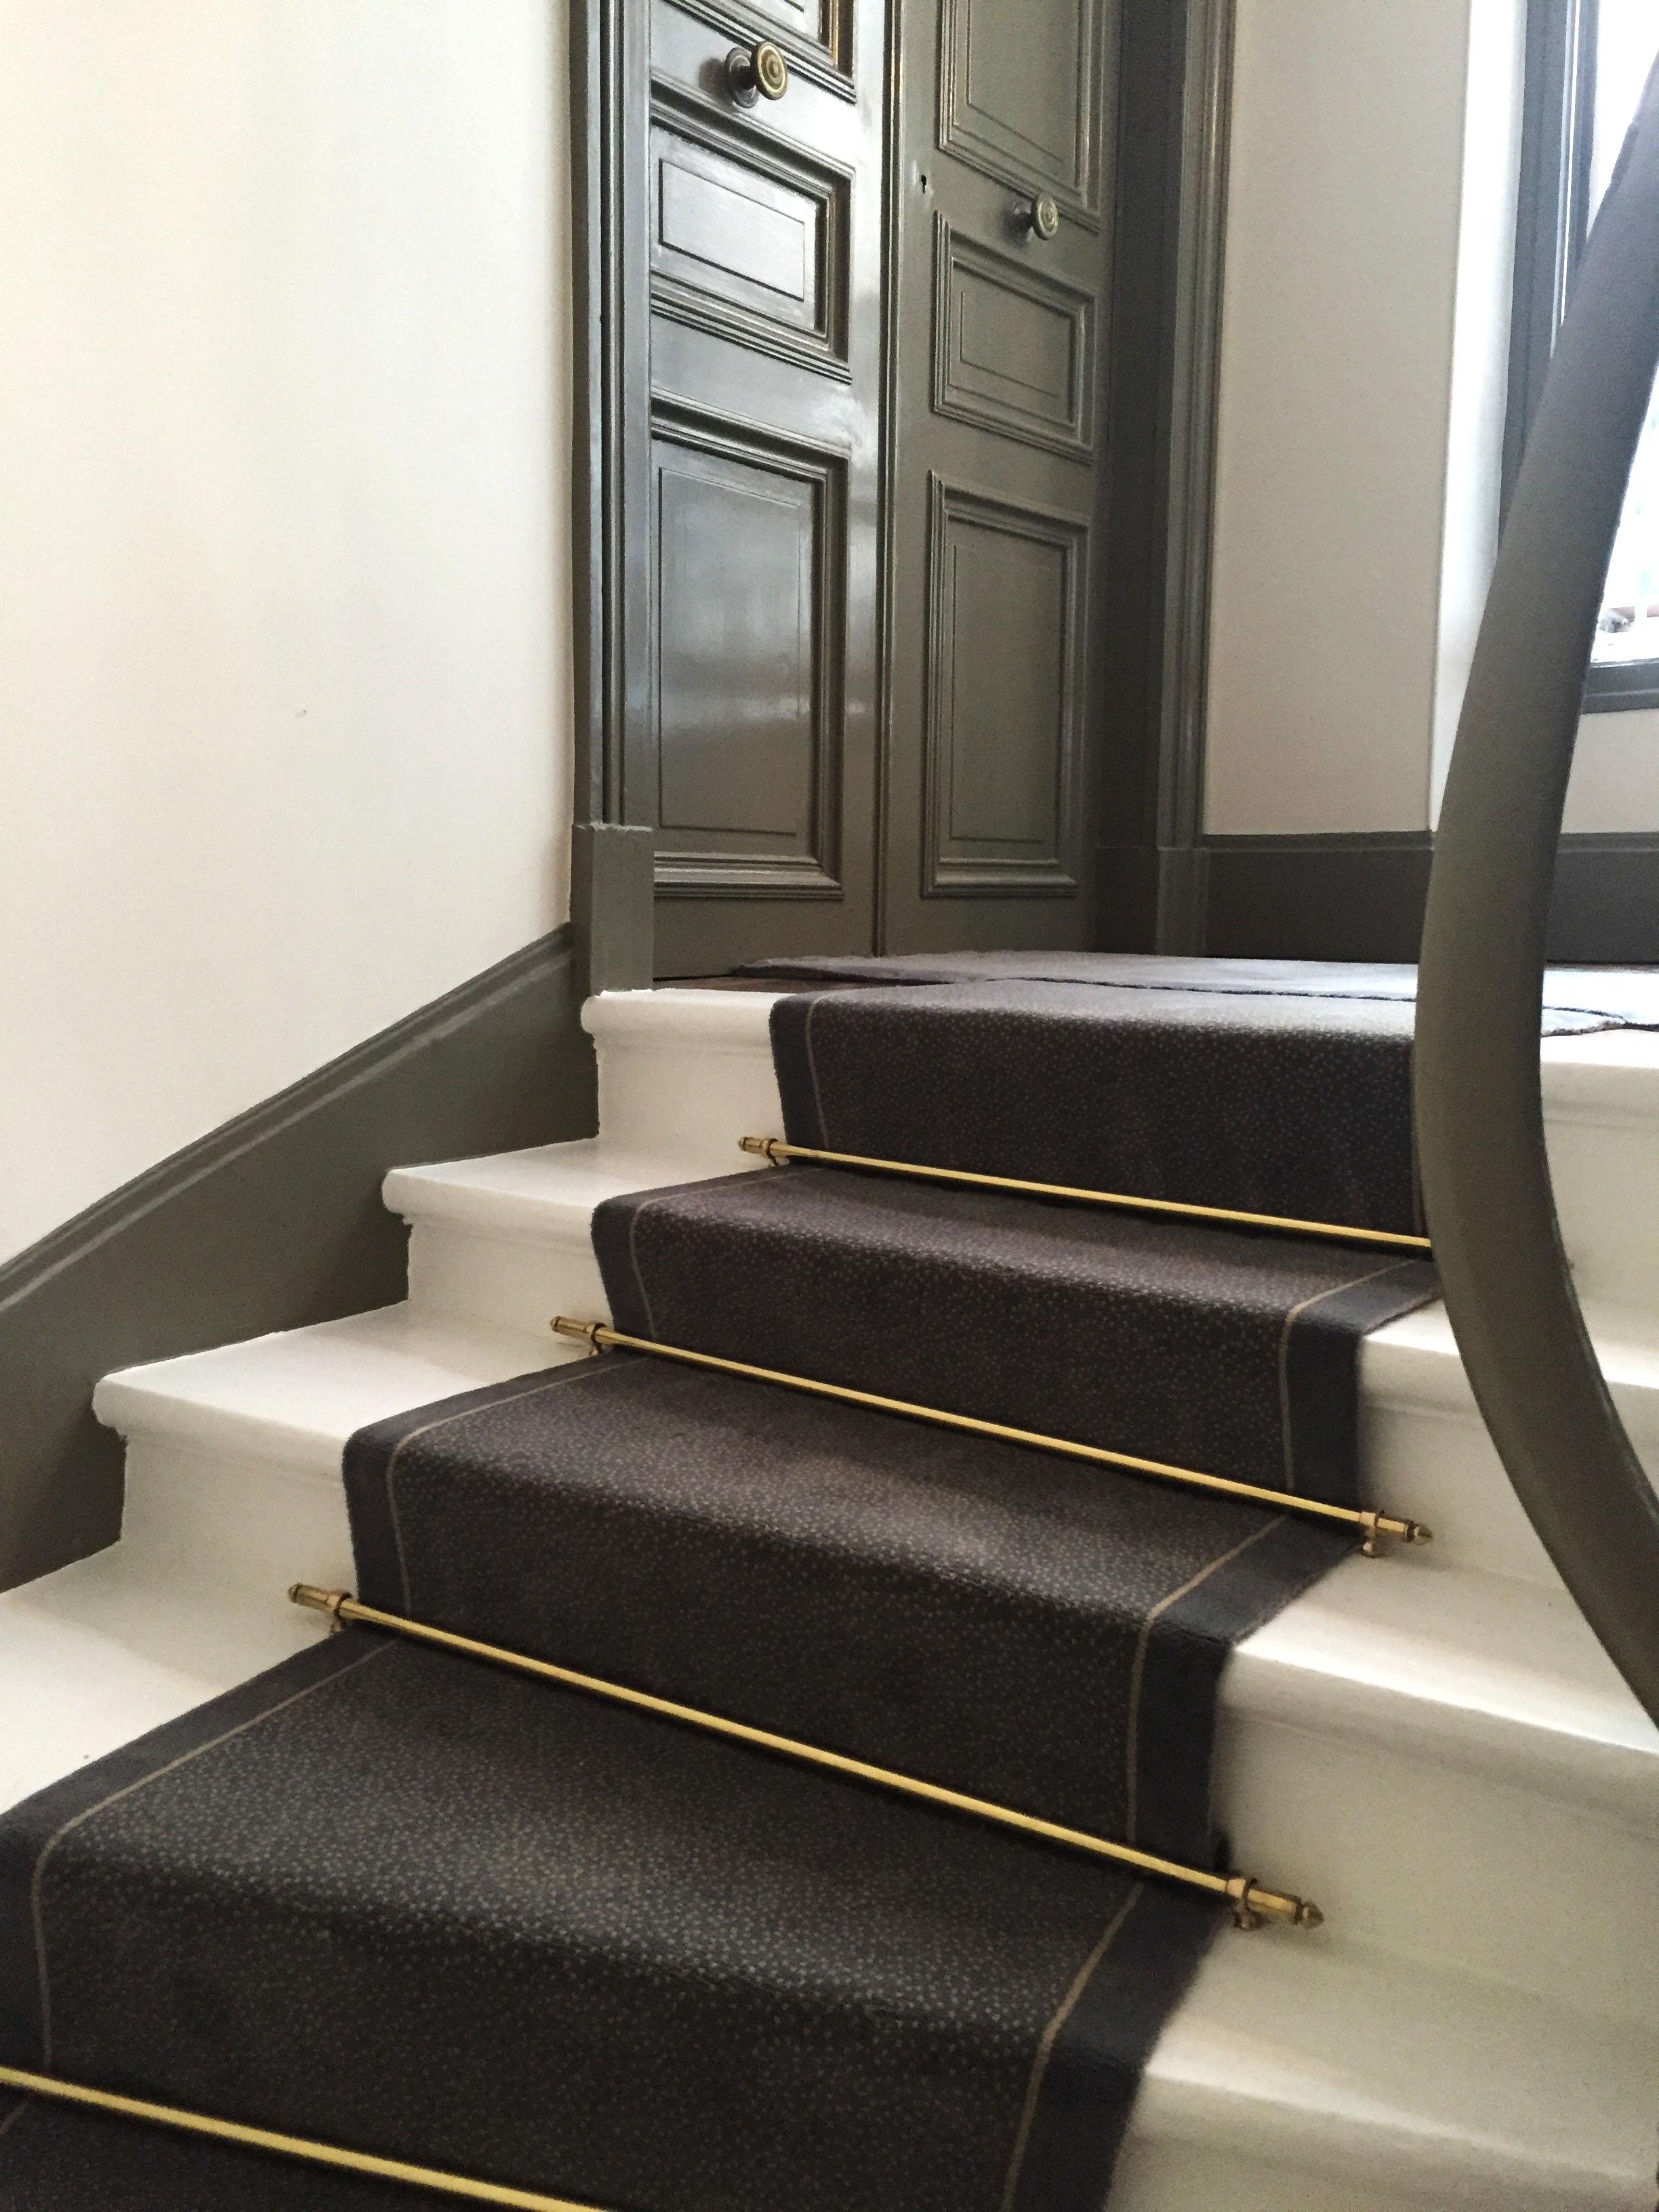 Protection Pour Marche D Escalier tapis d'escalier - dmt - spécialiste du tapis d'escalier et